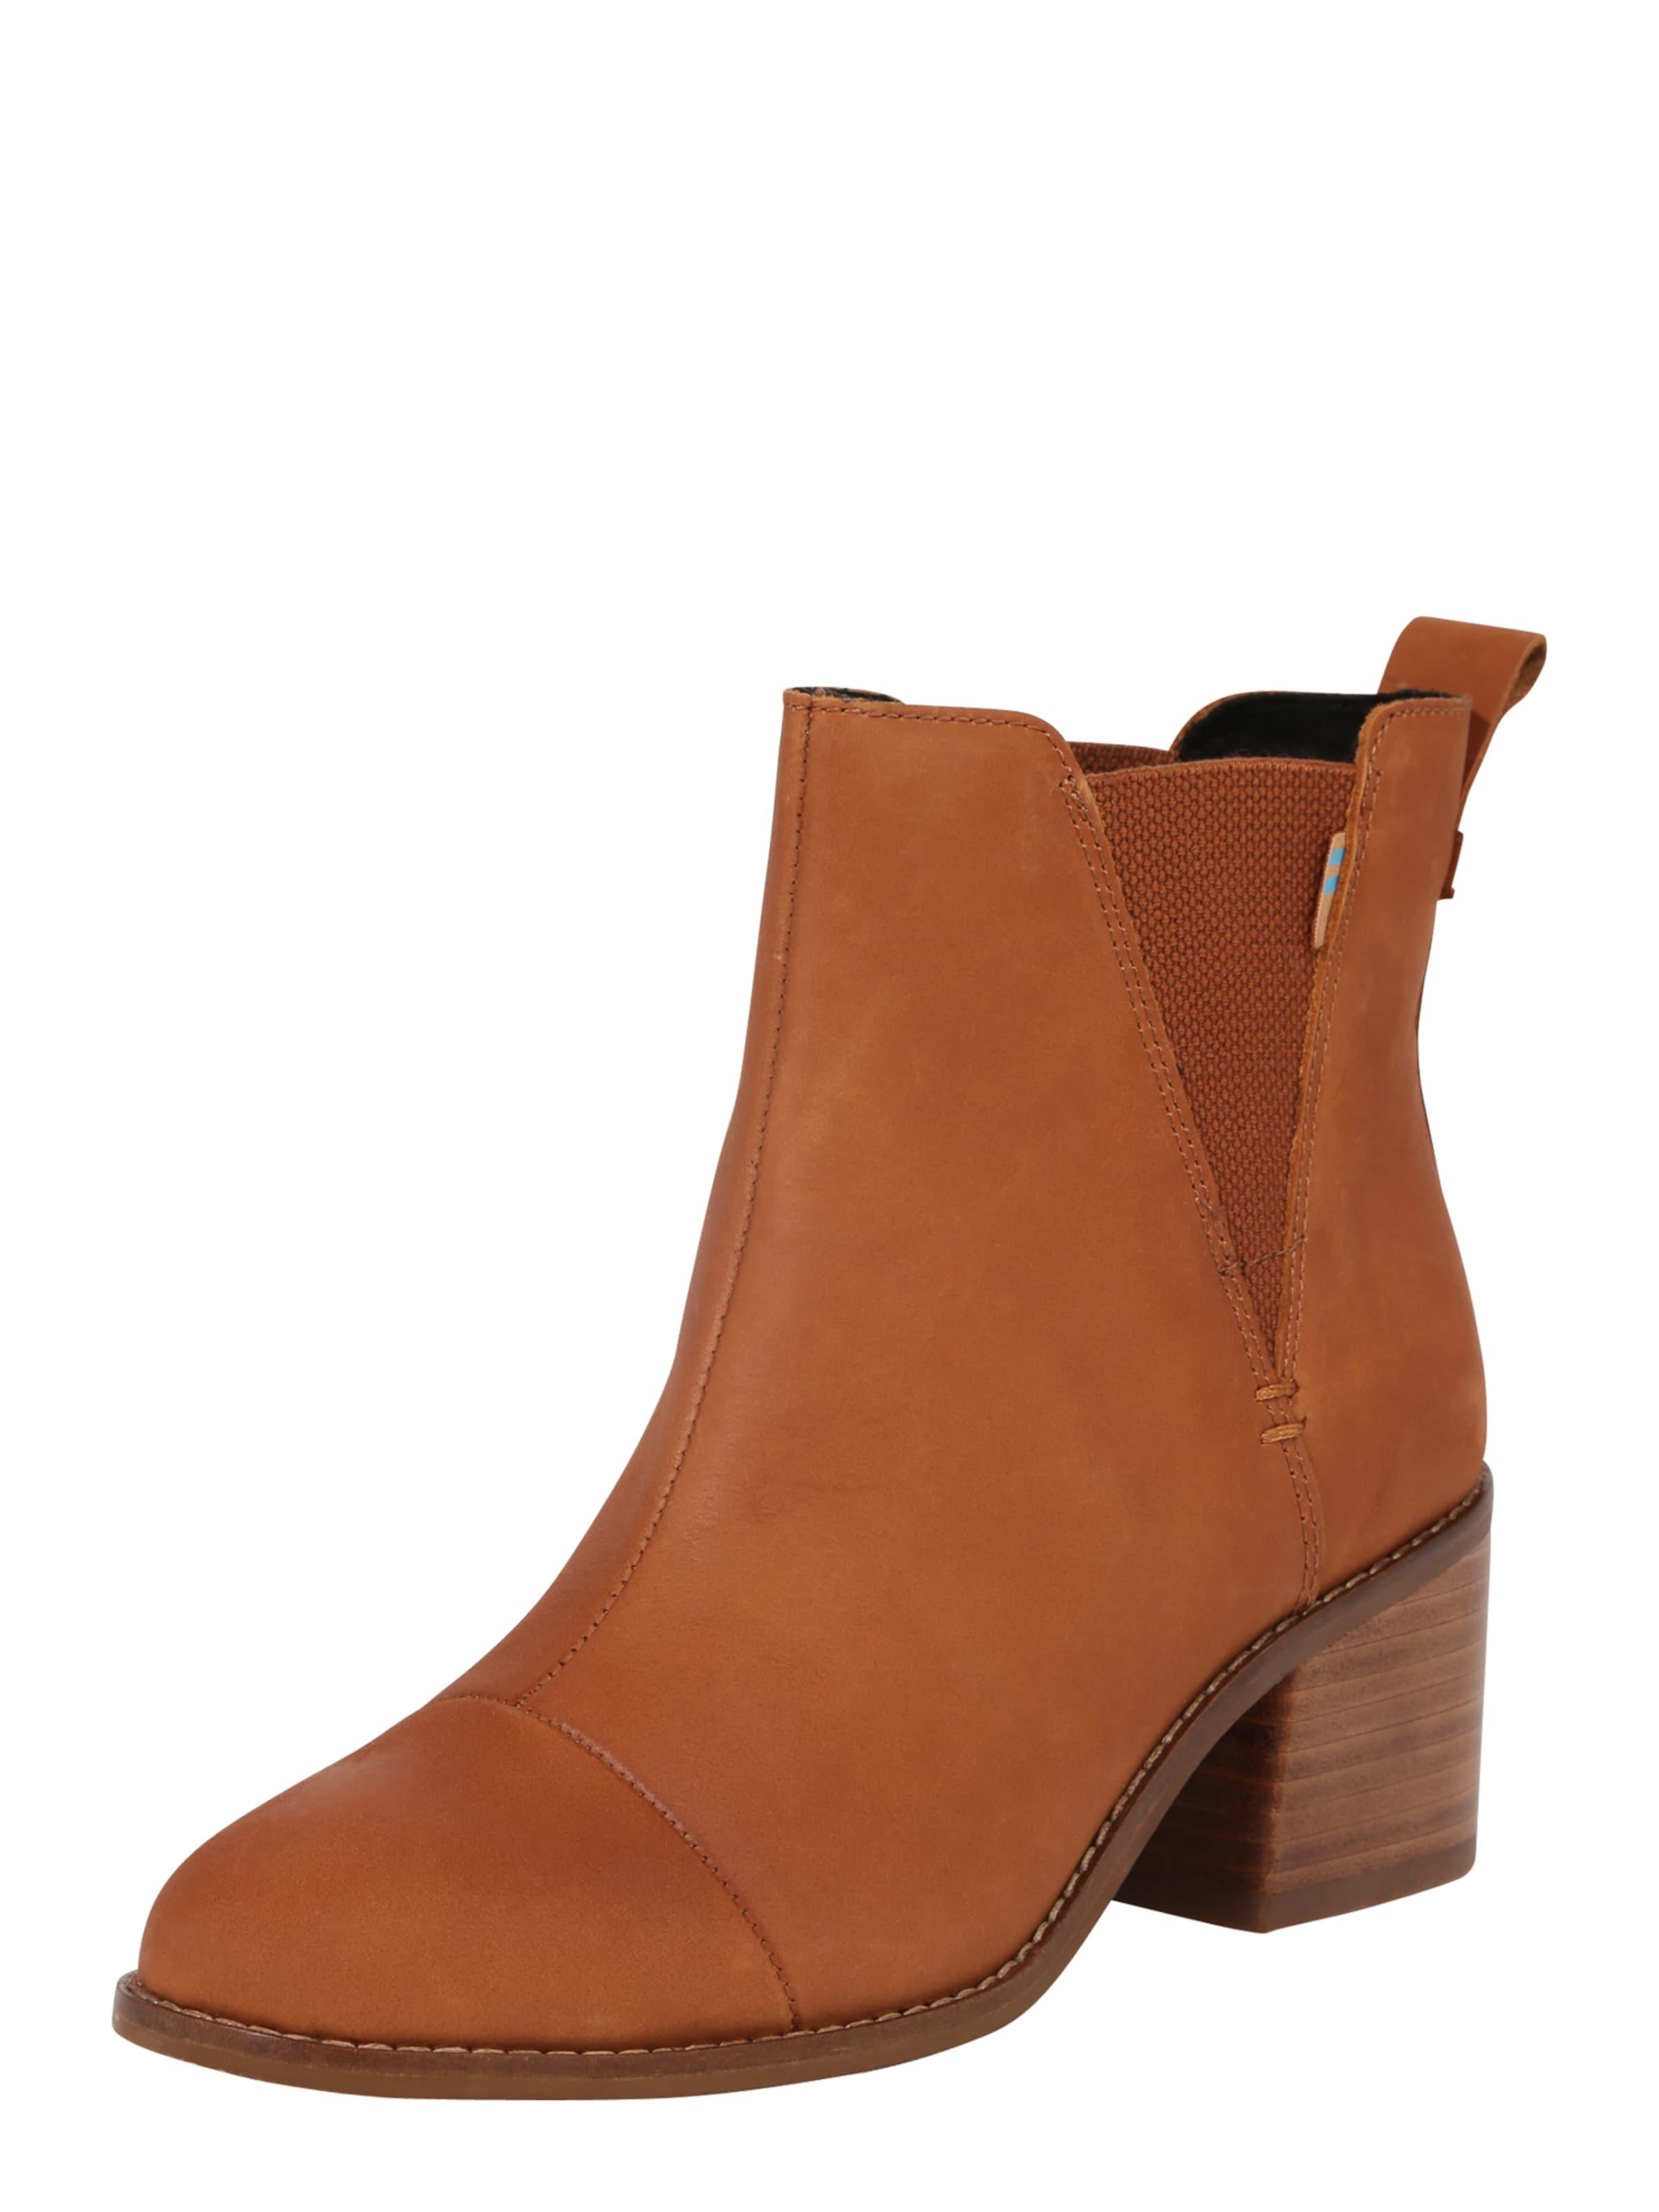 Boot Toms 'esme' Chelsea Cognac In QtrhxsdC